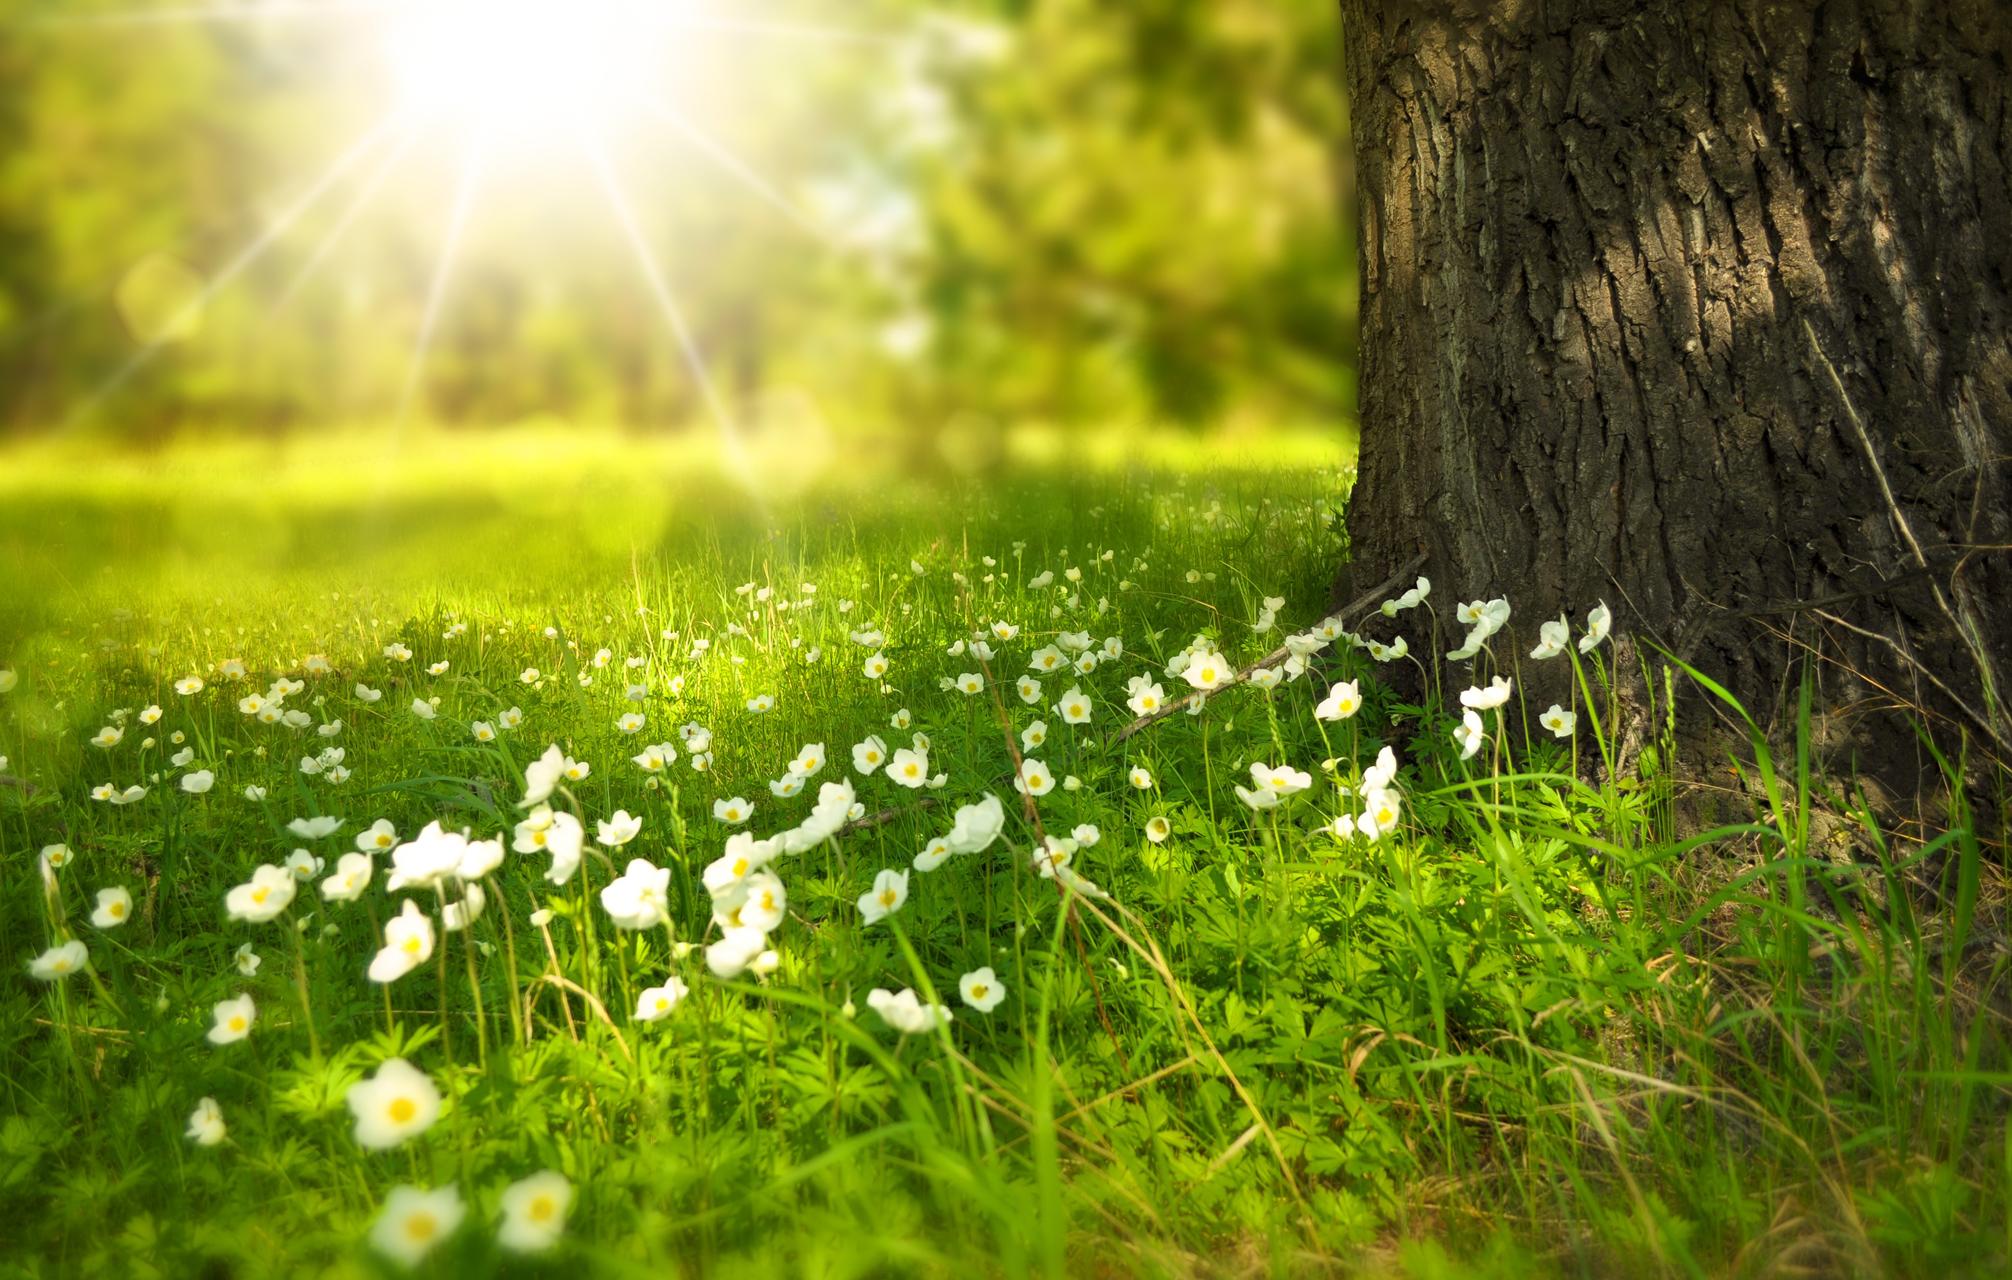 上帝醫治我的憂鬱症_spring-276014